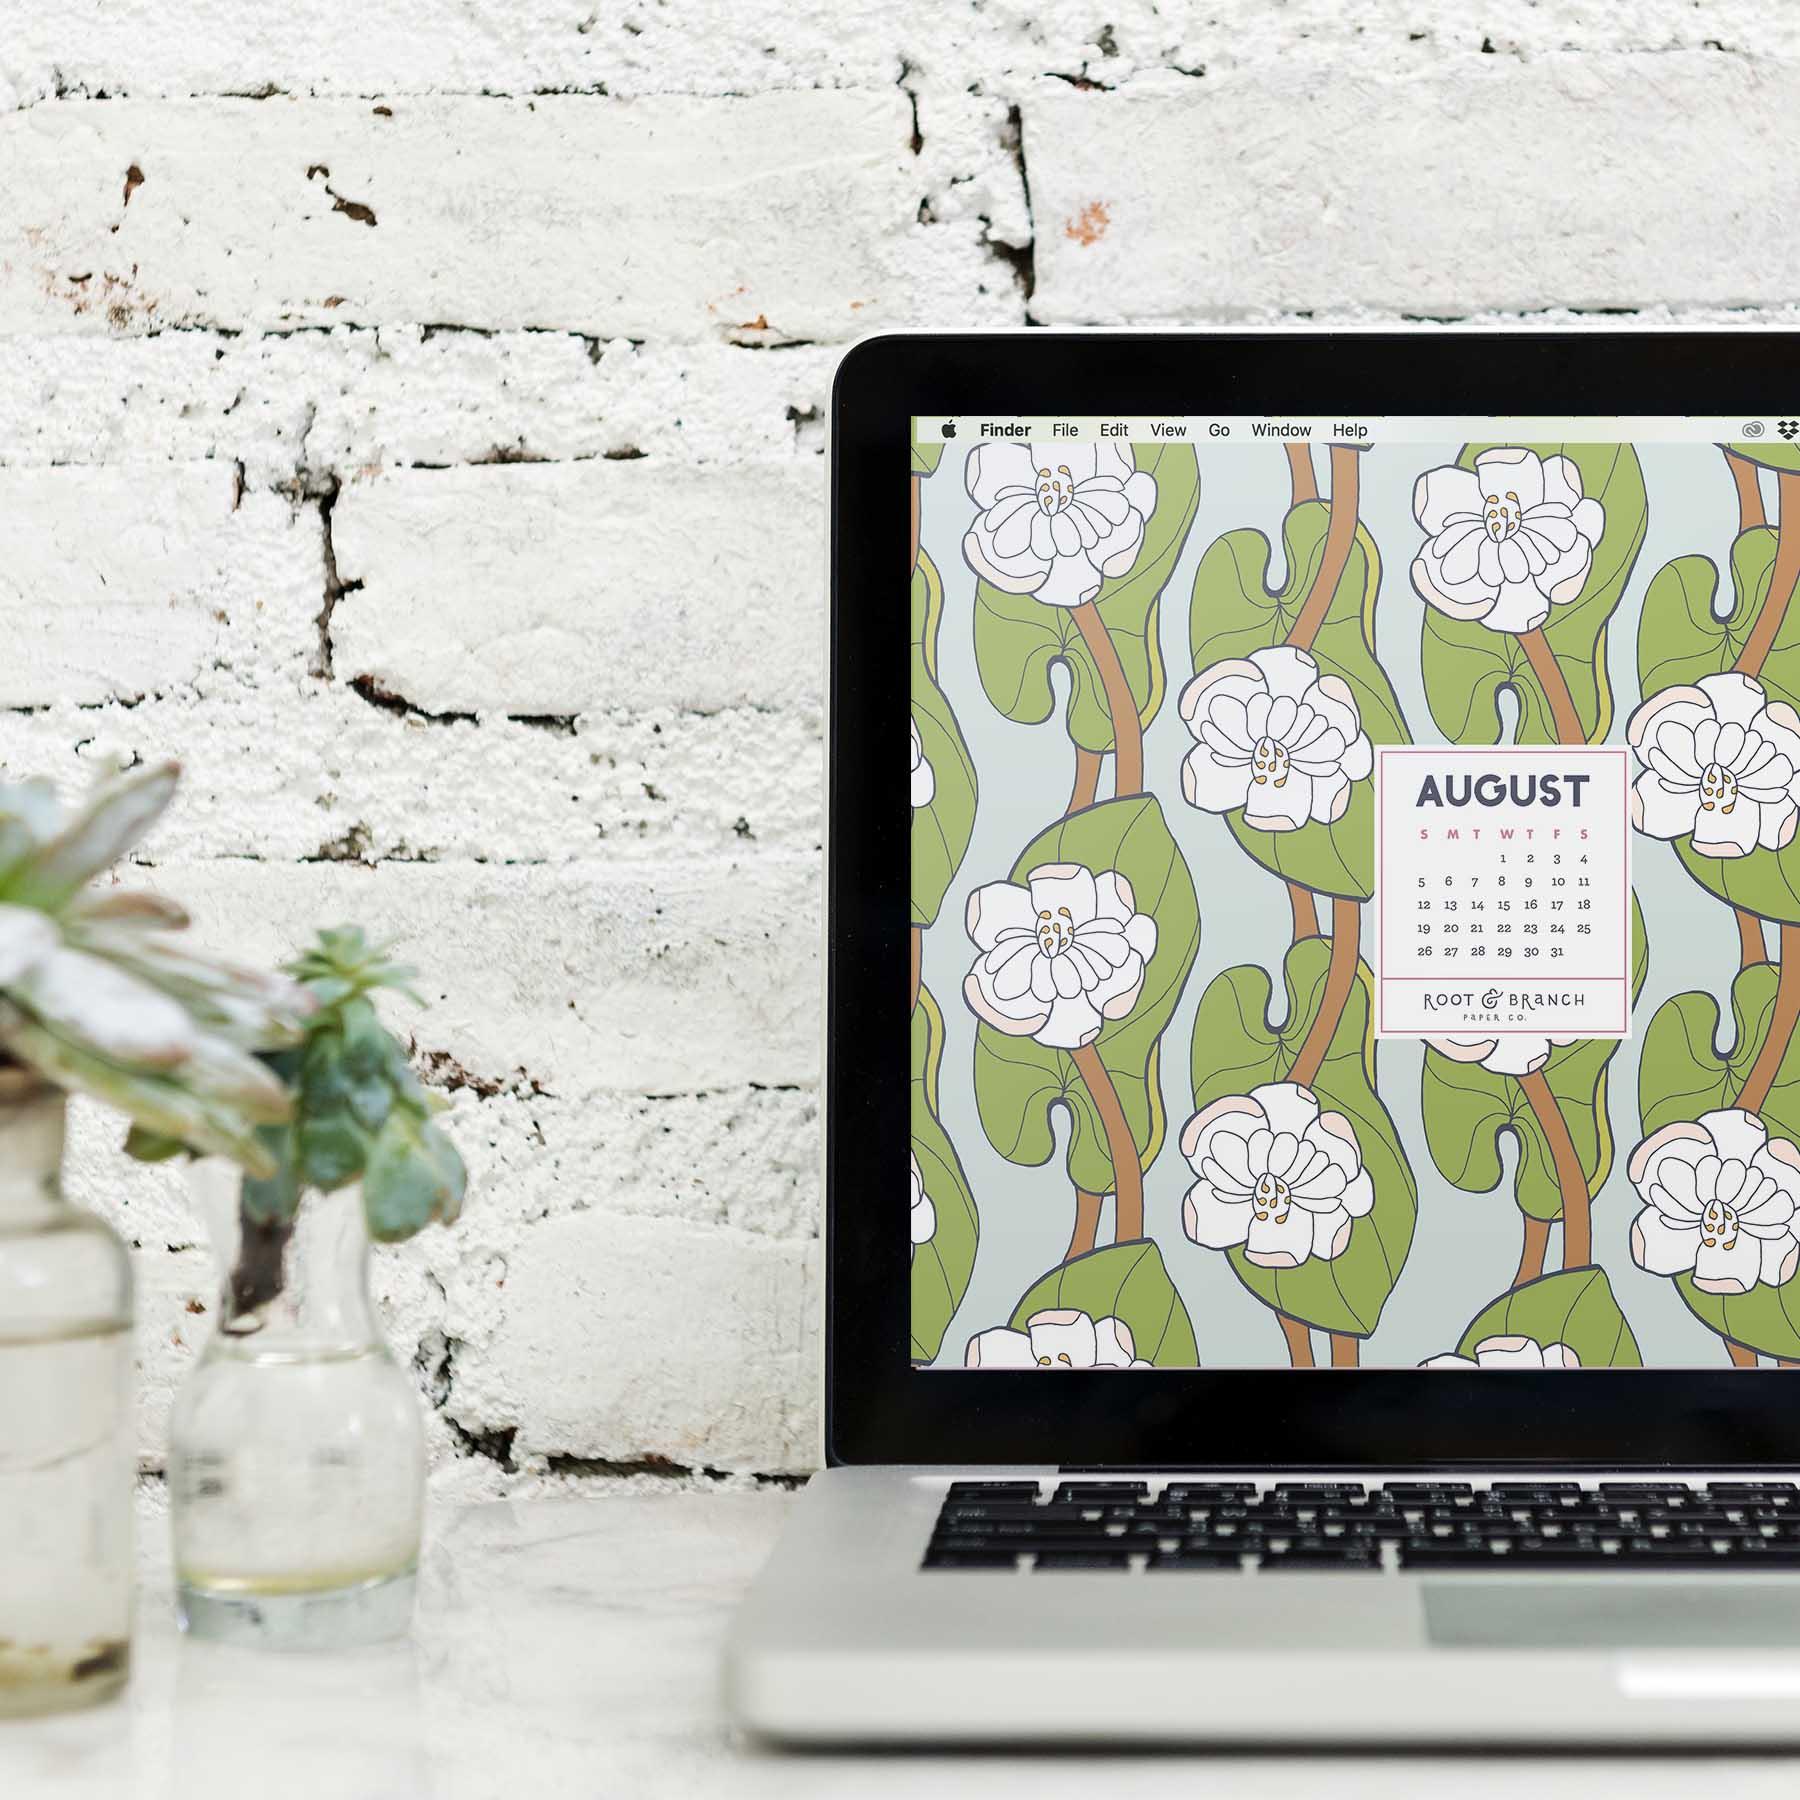 August 2018 Desktop Wallpaper, Free Floral August 2018 Monthly Calendar Desktop Background | Download Floral Illustrated Digital Wallpapers for Desktop, Tablet, + Phone | Root & Branch Paper Co.